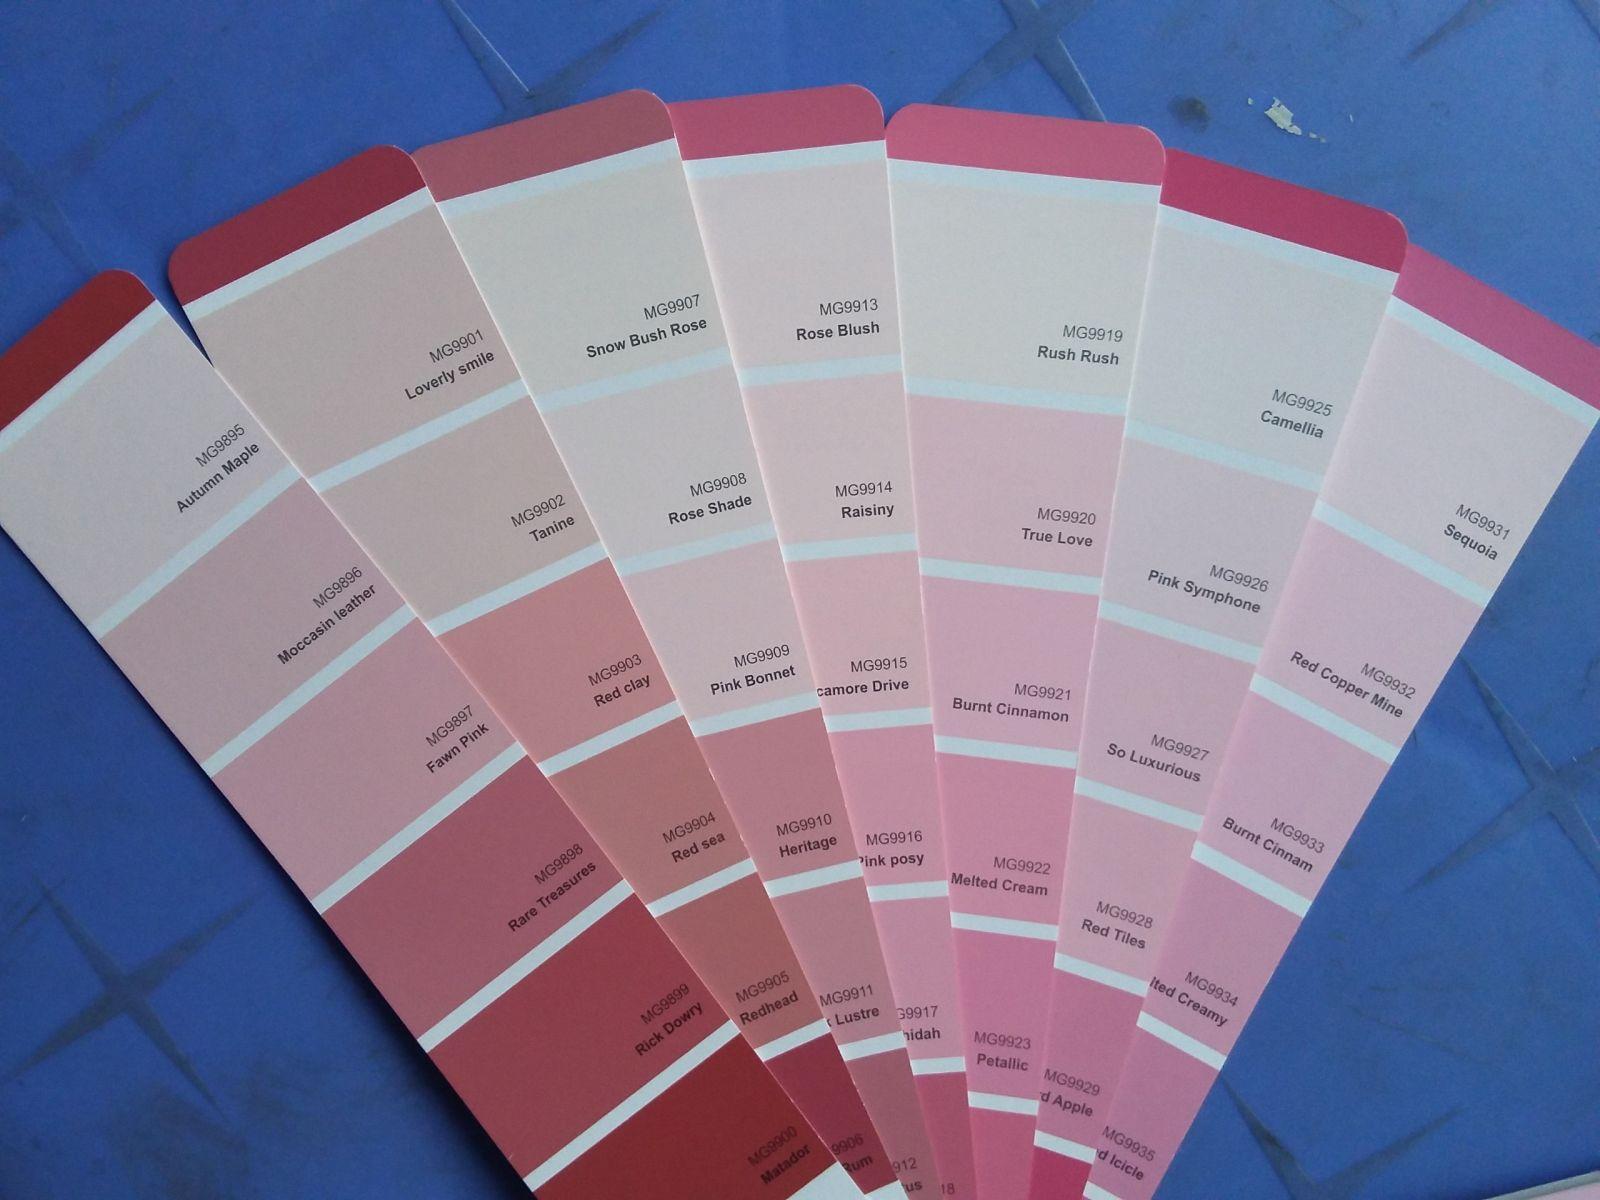 Sơn Mykolor màu hồng, đỏ hợp phong thủy với những người có mệnh HỎA, mệnh Thổ